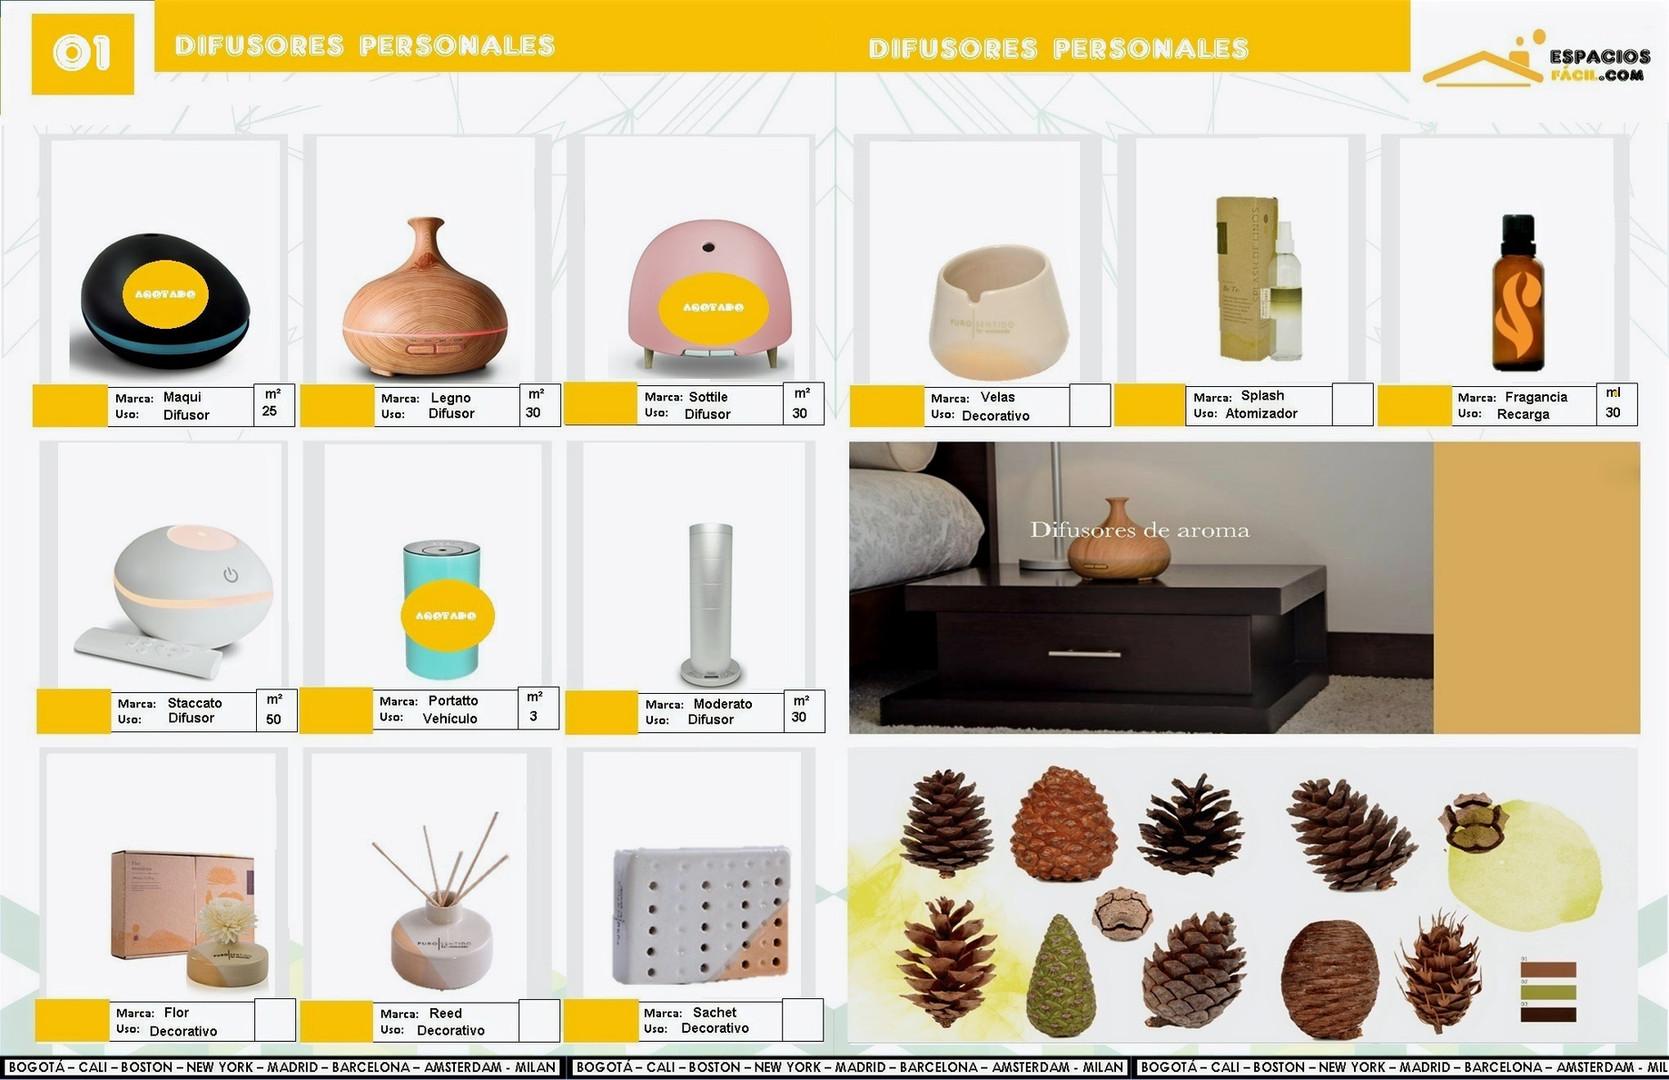 Olfativo- Personal para salas de juntas y oficinas